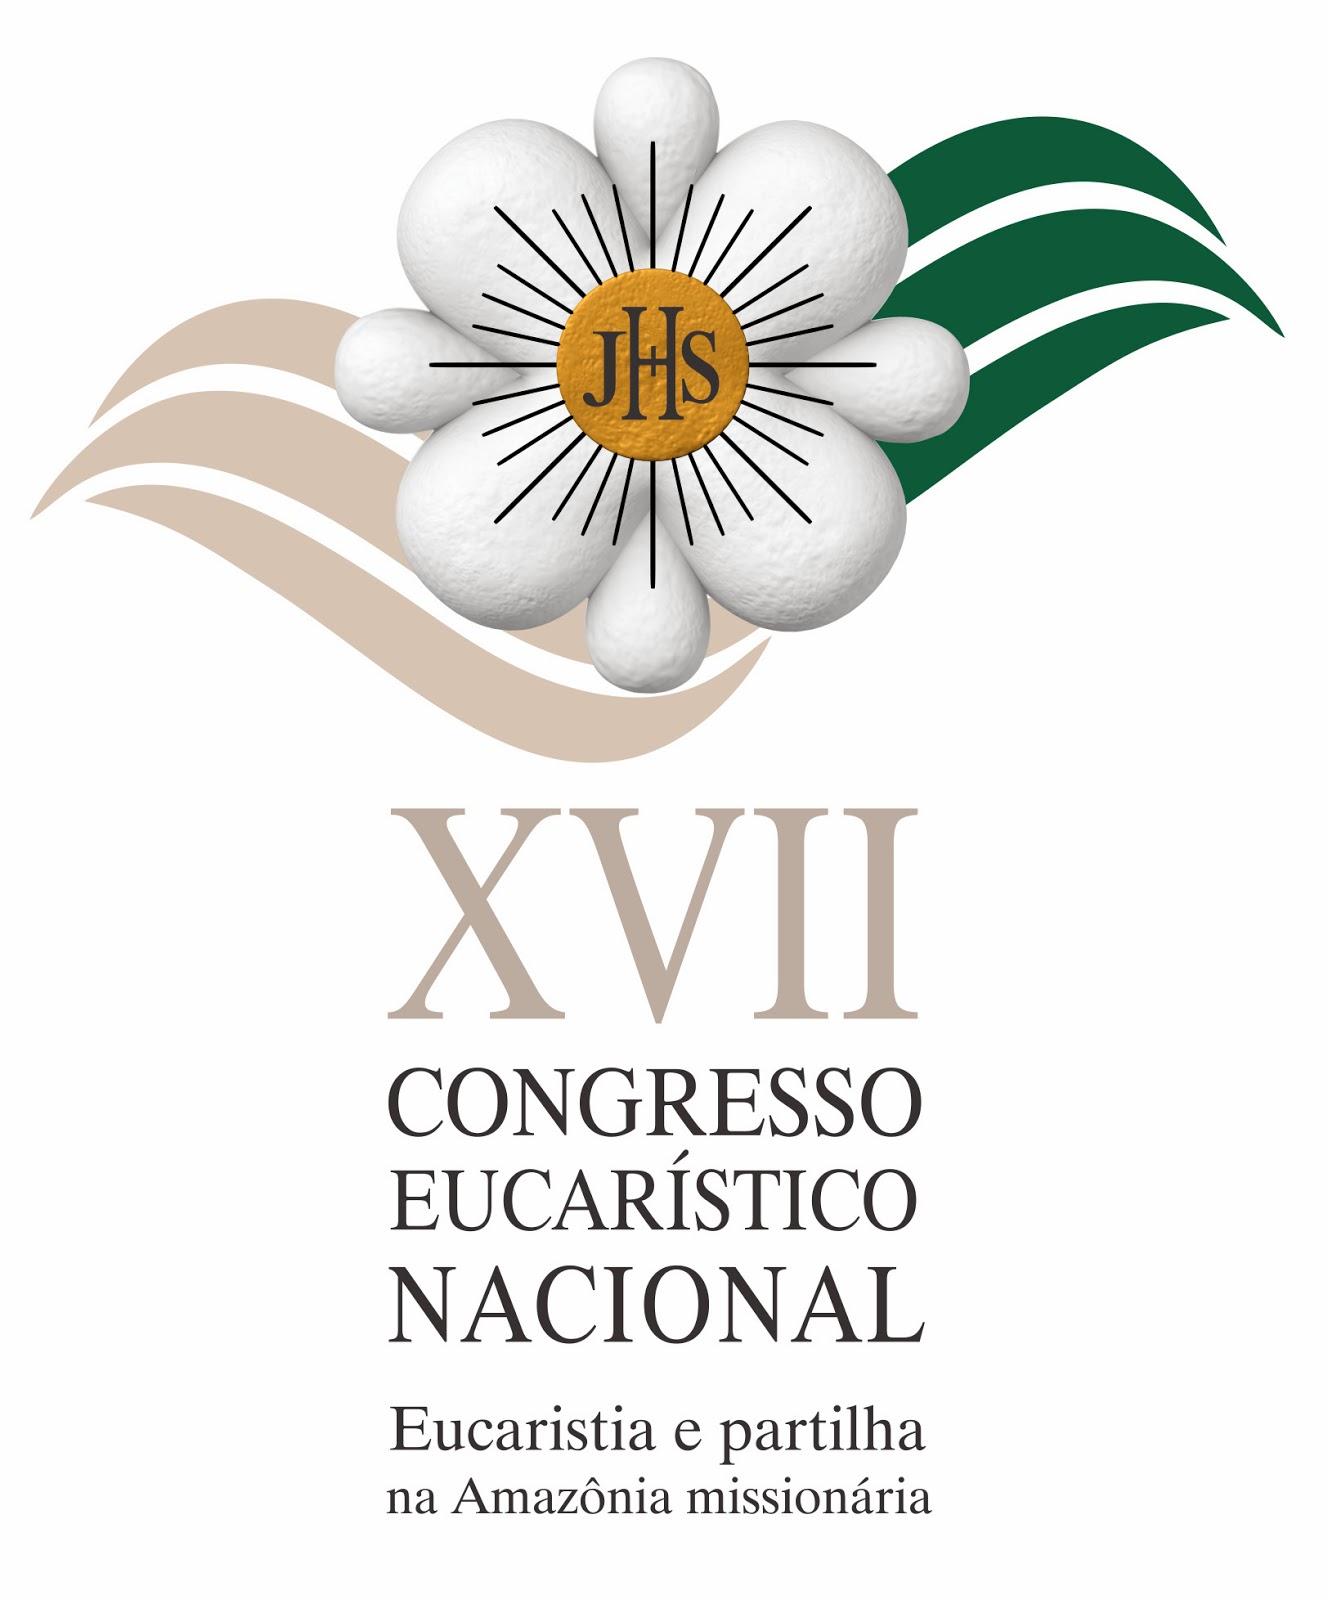 Logo do XVII Congresso Eucarístico Nacional, que acontecerá em agosto de 2016 / Foto: Divulgação